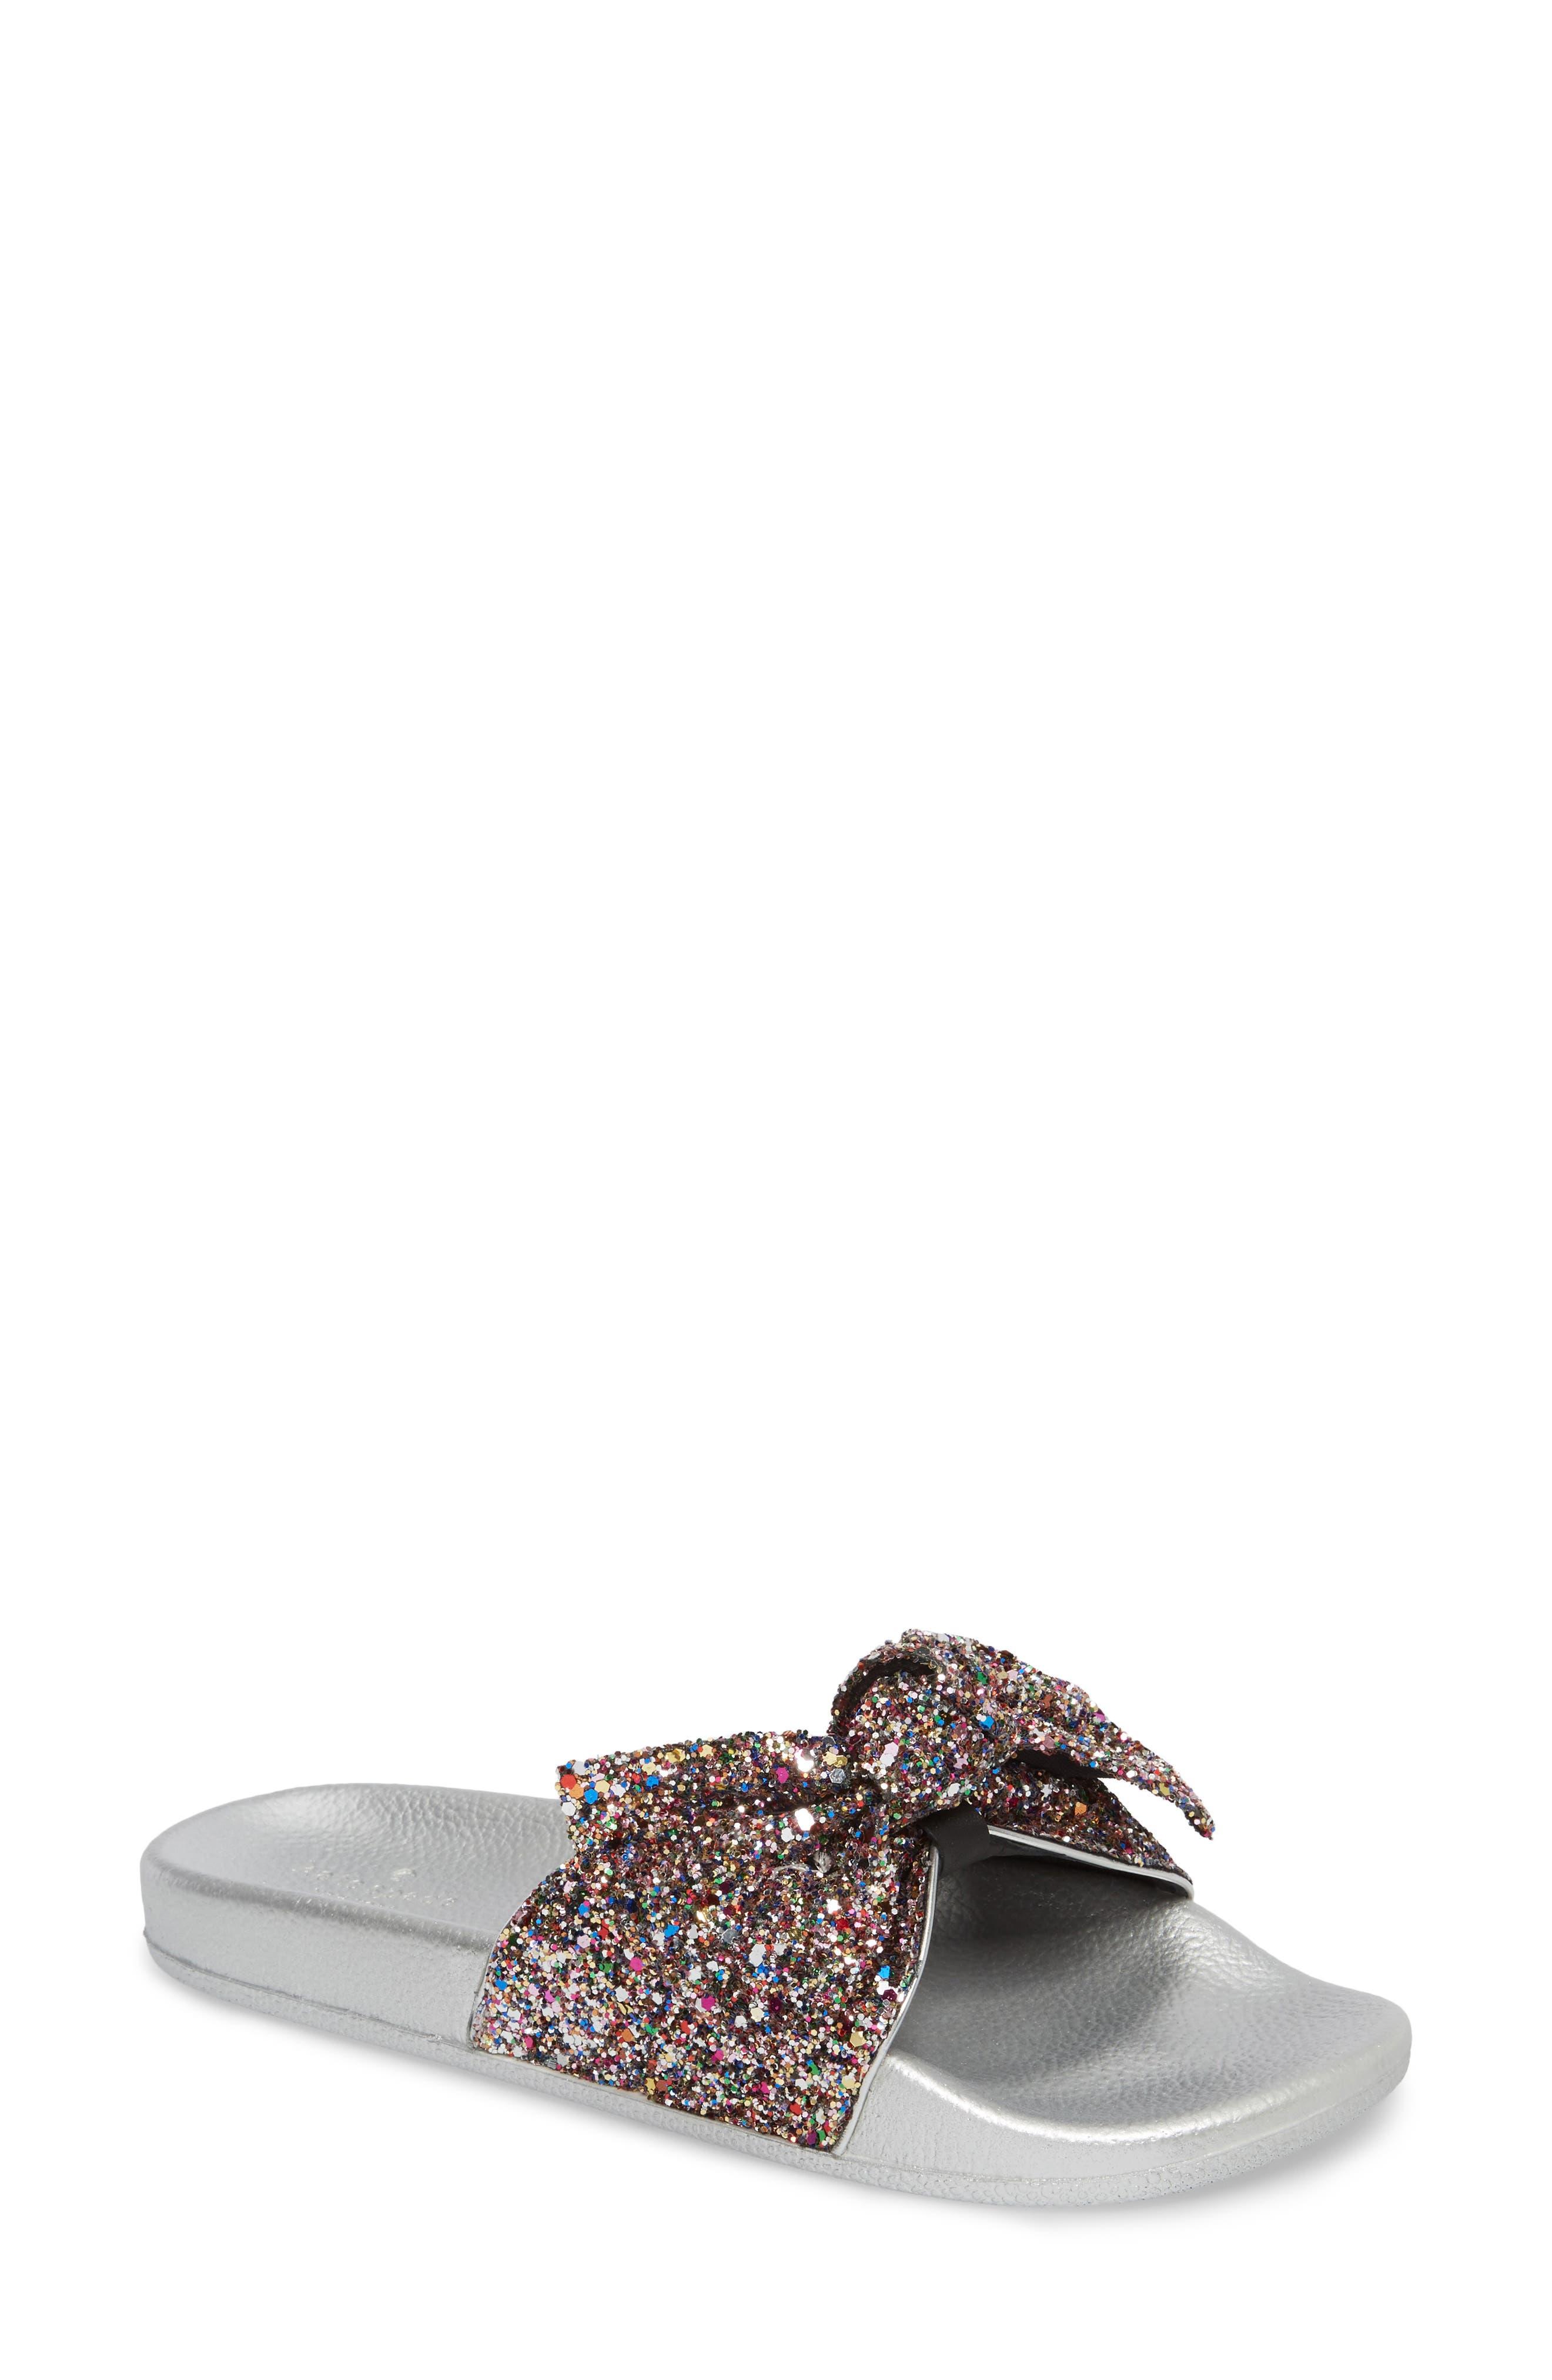 shellie slide sandal,                             Main thumbnail 1, color,                             Multi Glitter